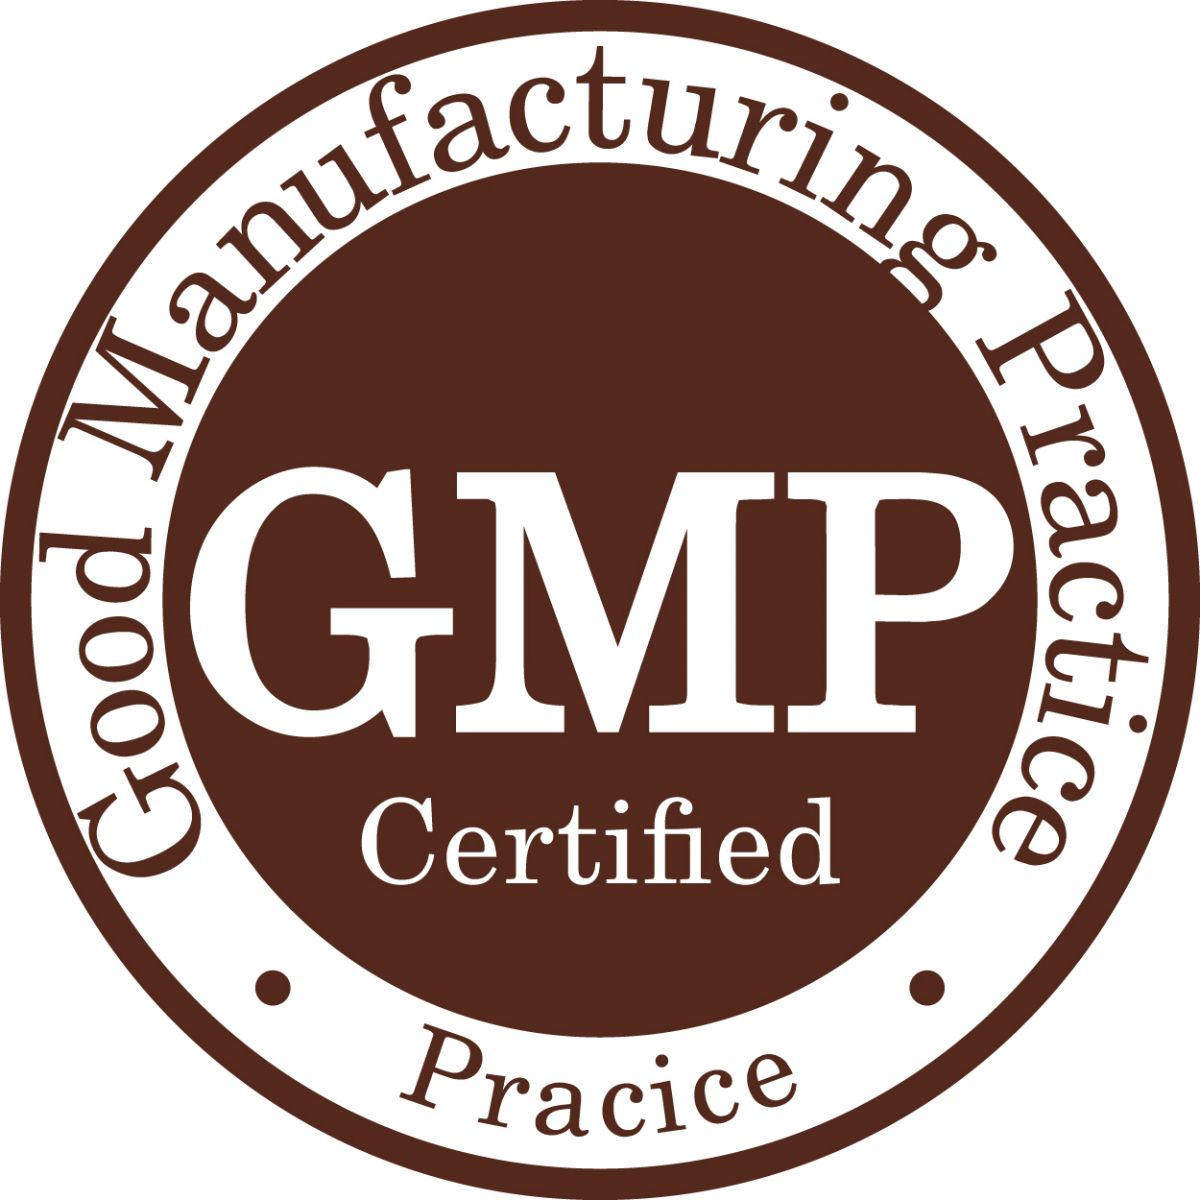 GMP - WHO